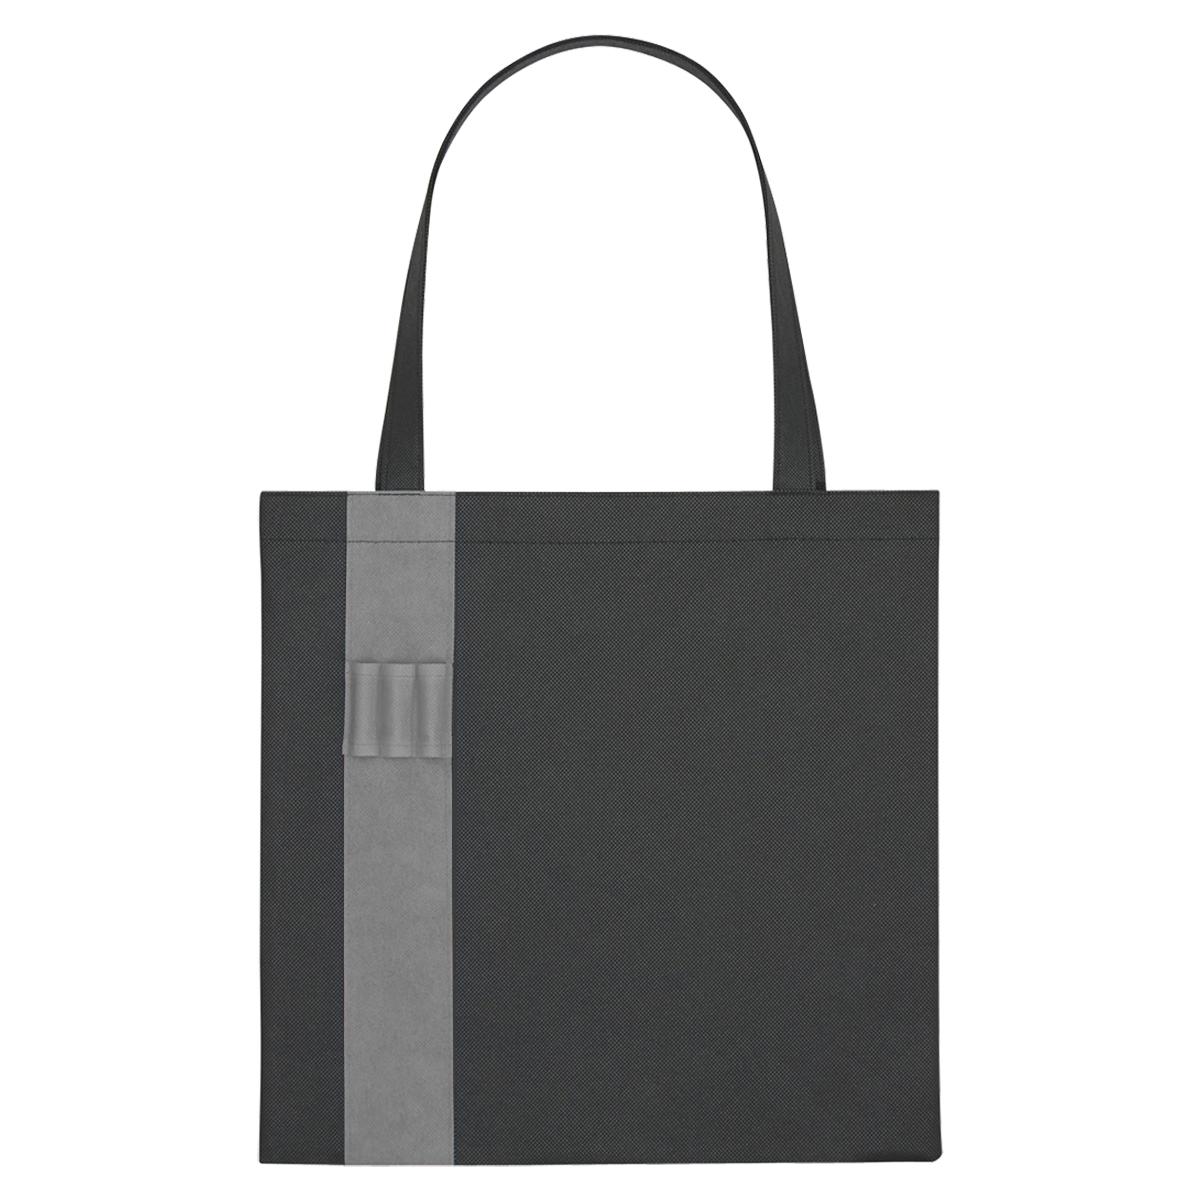 3045 - Bolsa Non-Woven negra con adornos de color